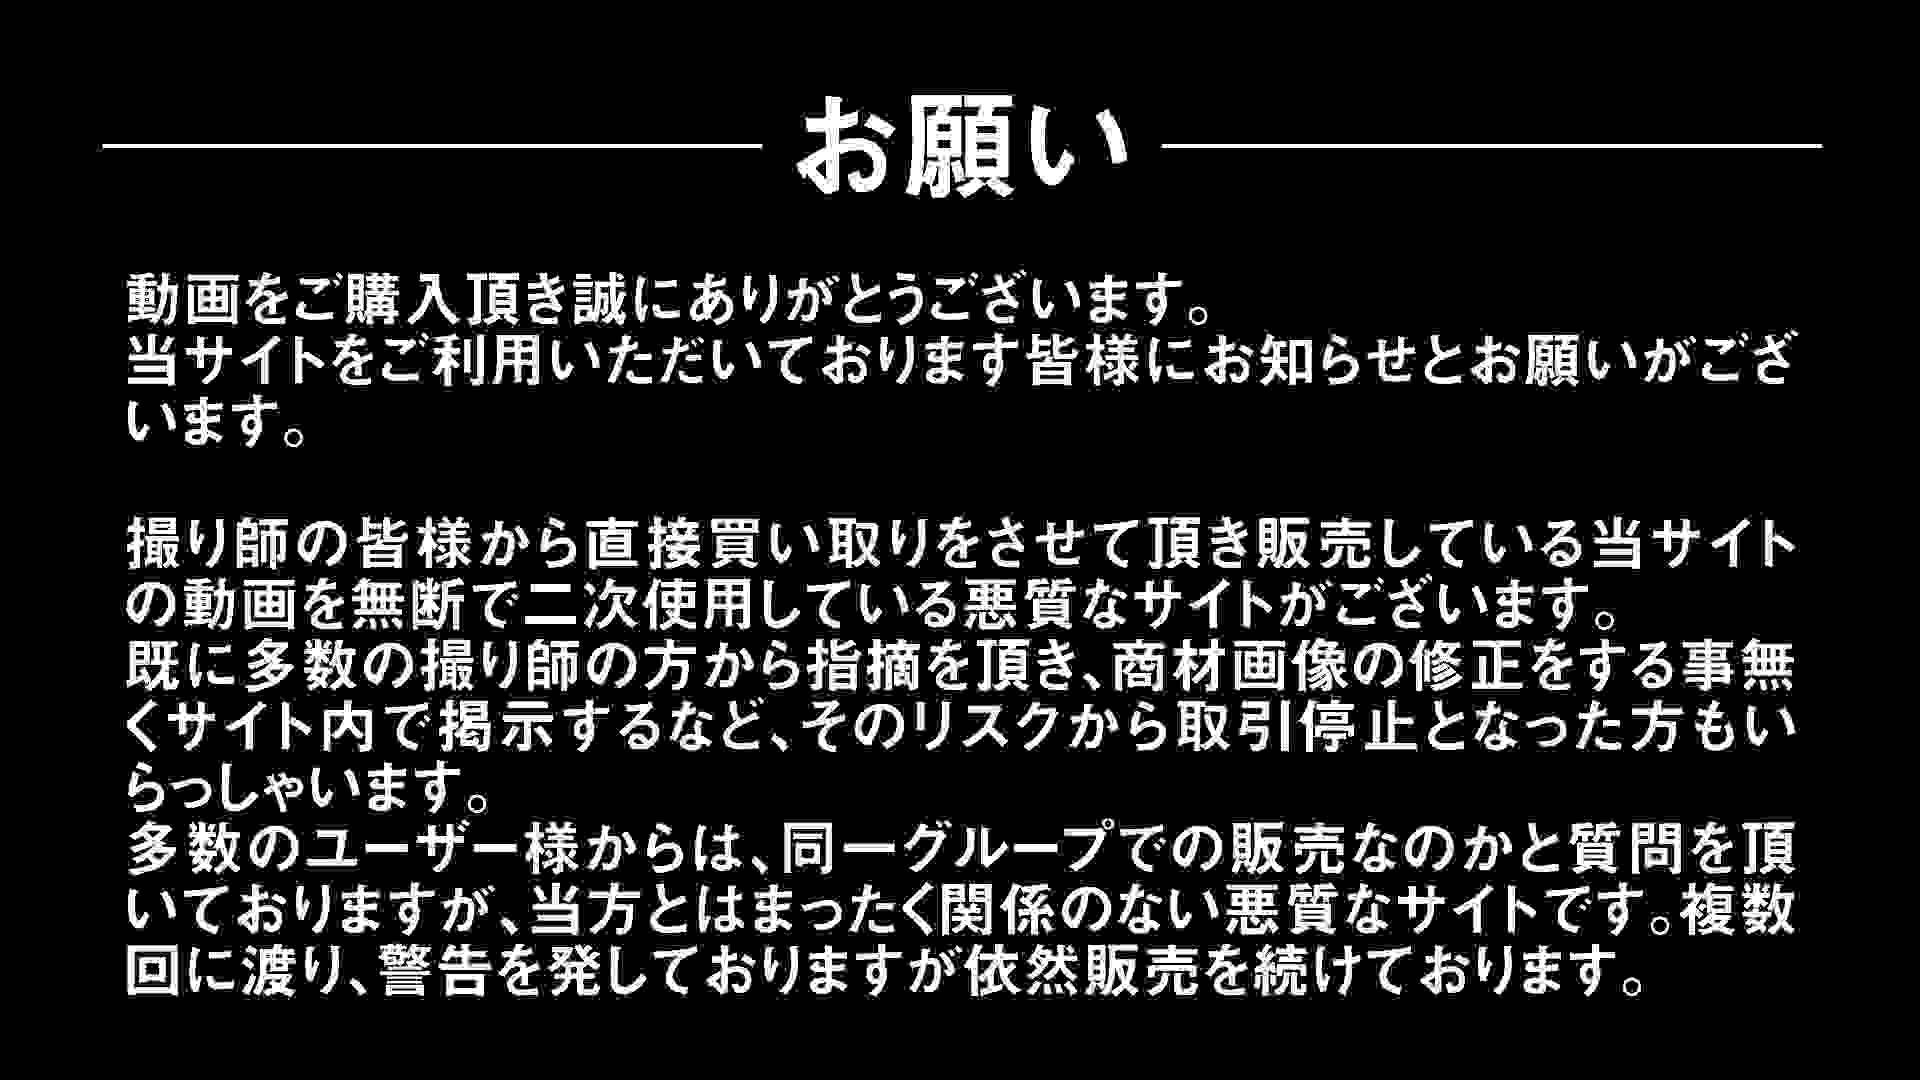 Aquaな露天風呂Vol.299 盗撮大放出  45連発 12